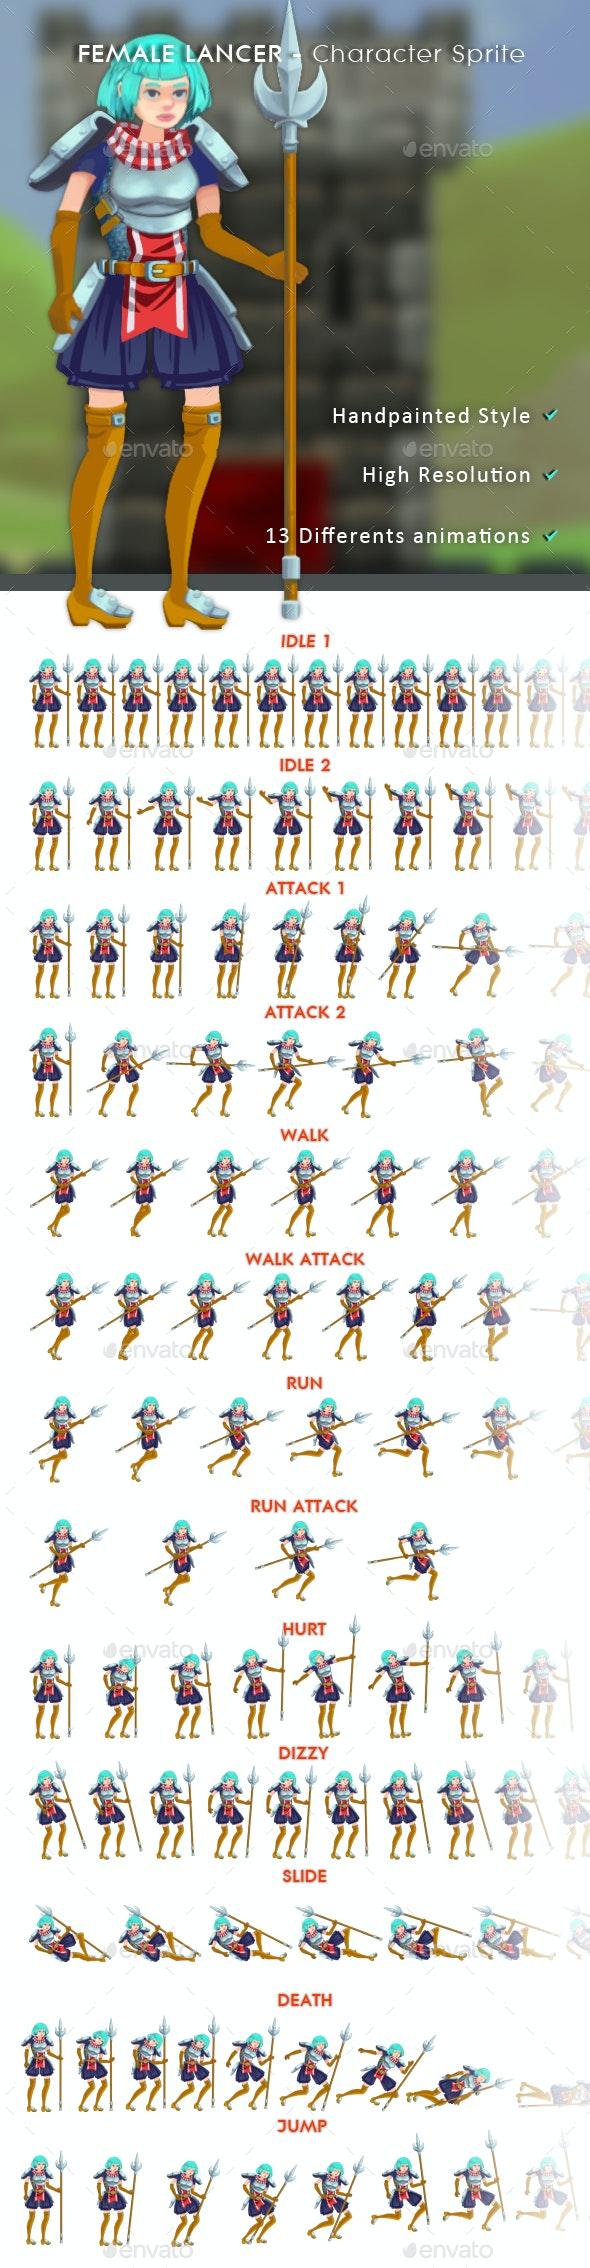 Female Lancer - Character Sprite - Sprites Game Assets